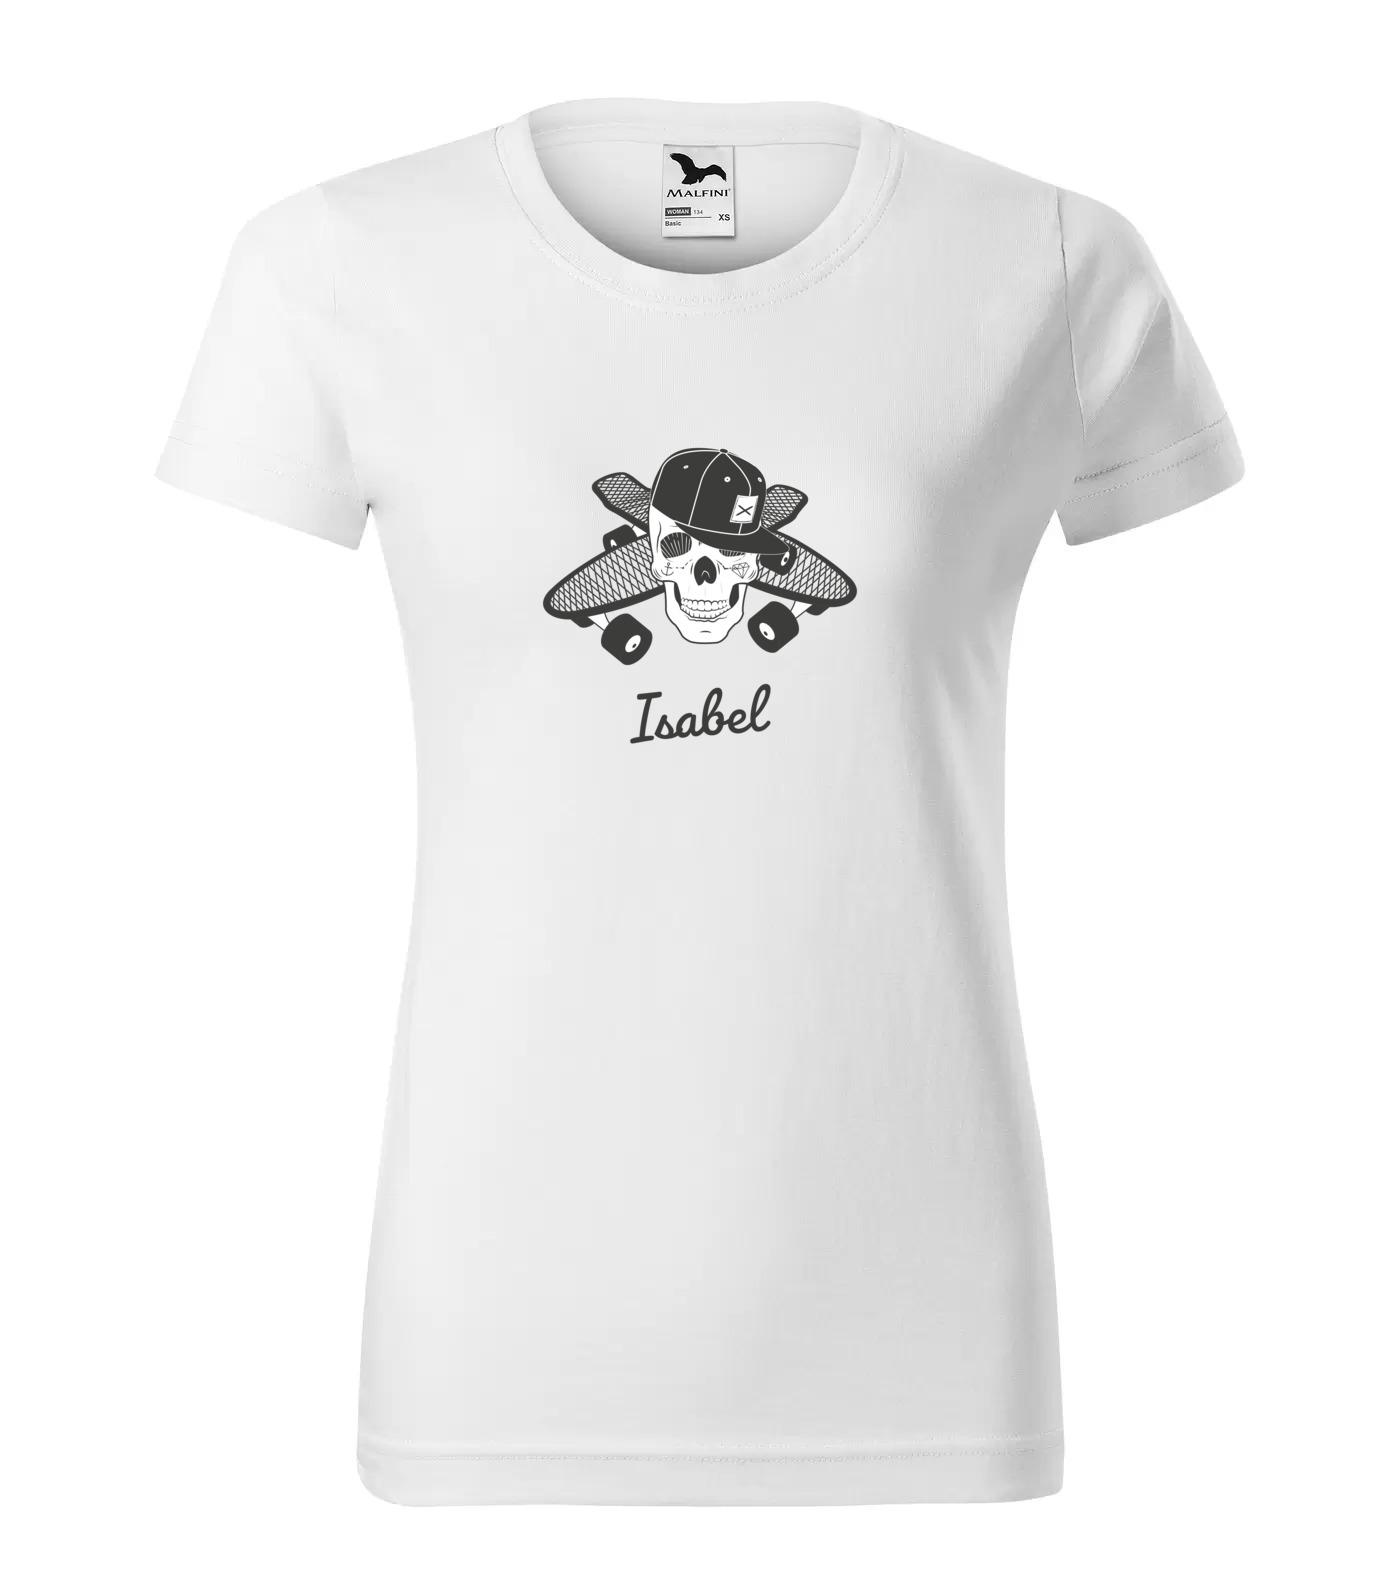 Tričko Skejťačka Isabel